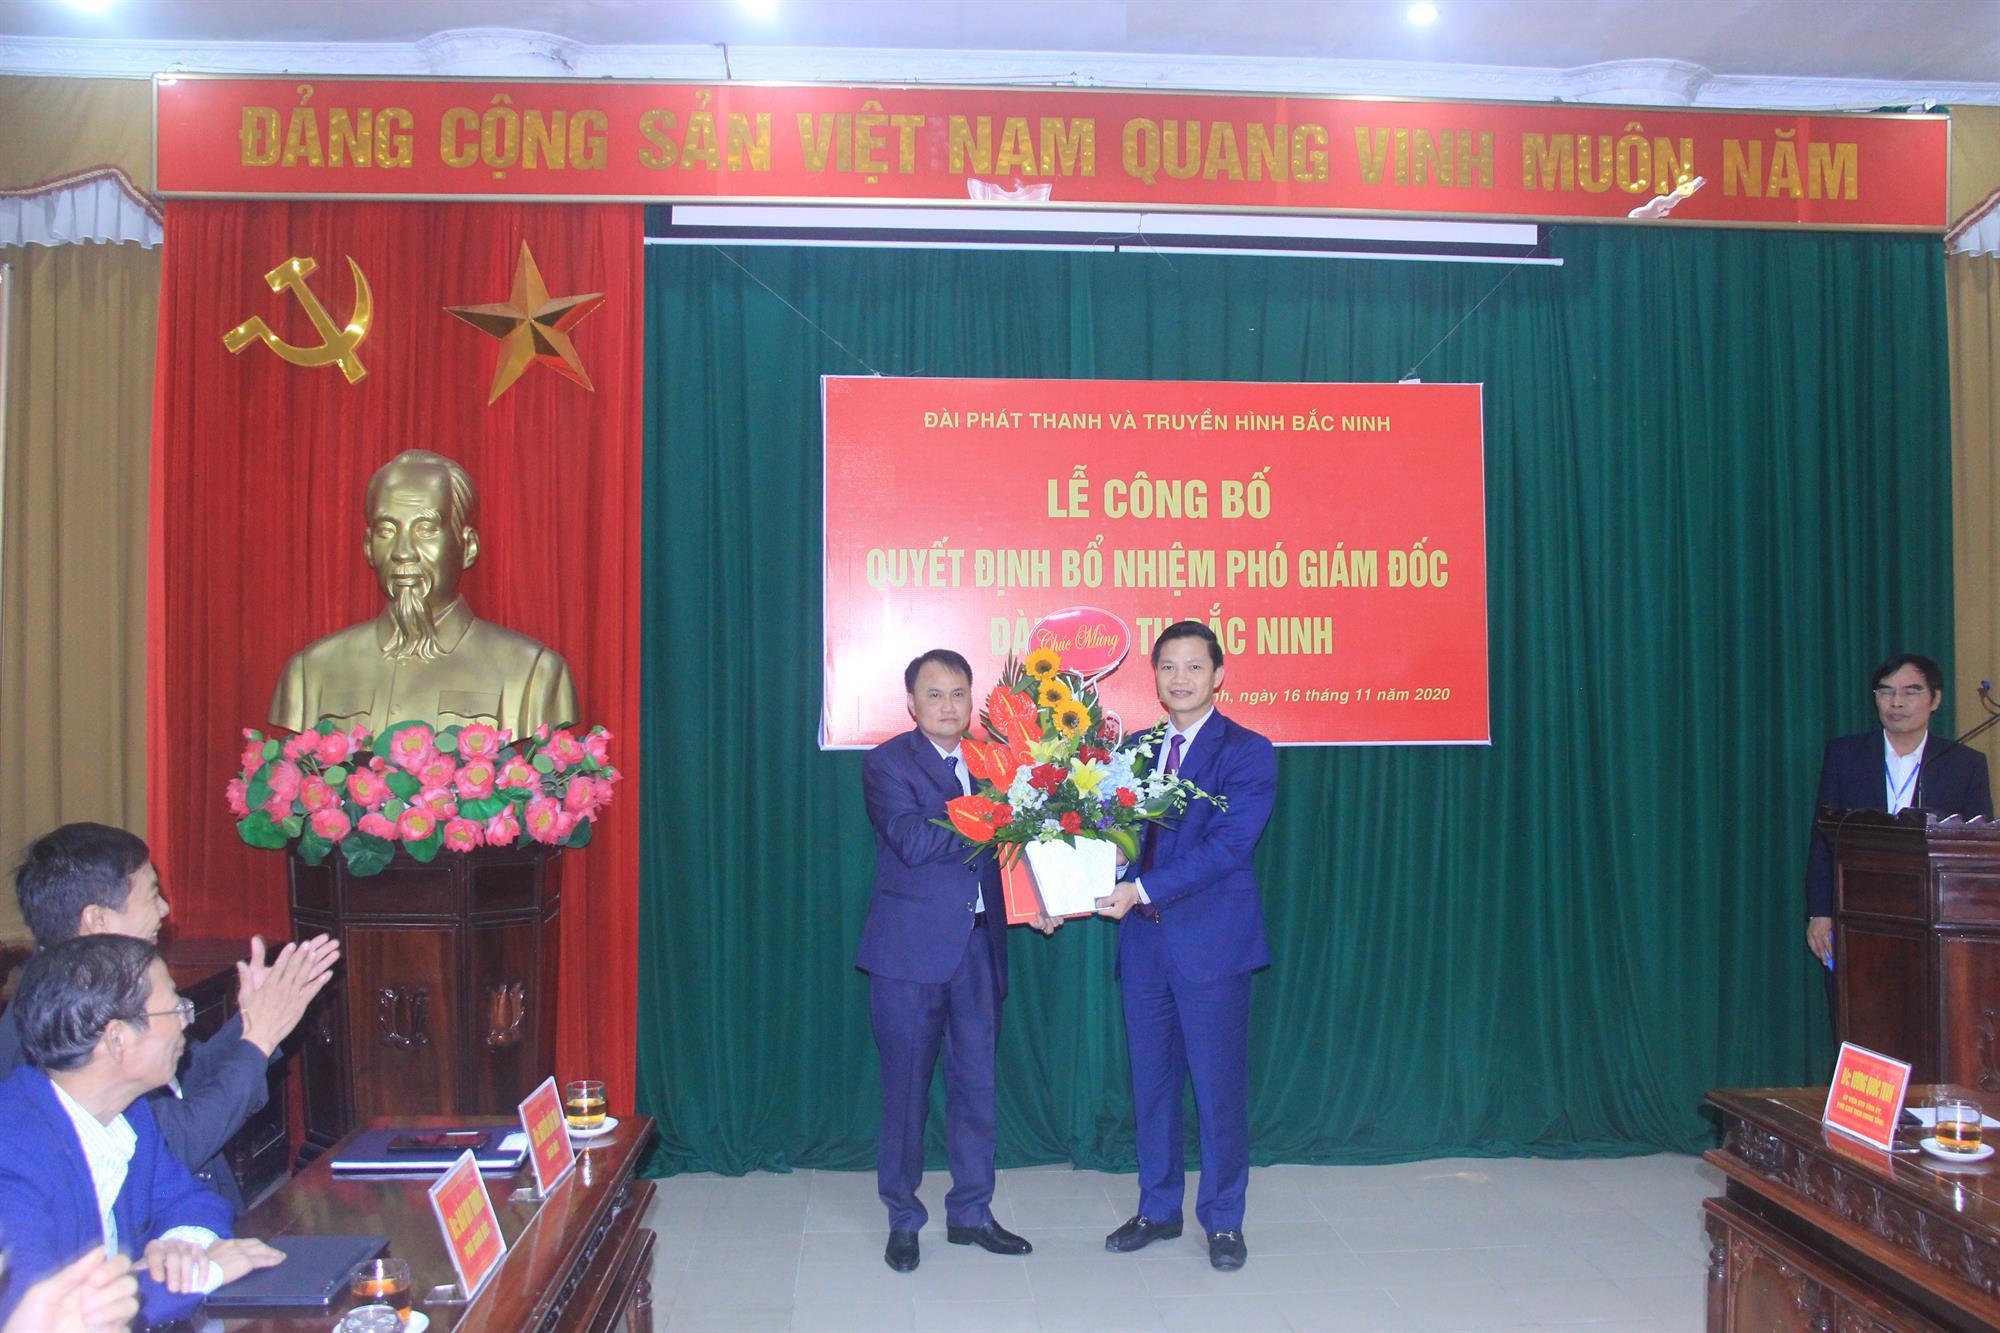 Trao Quyết định bổ nhiệm Phó Giám đốc Đài PT&TH Bắc Ninh